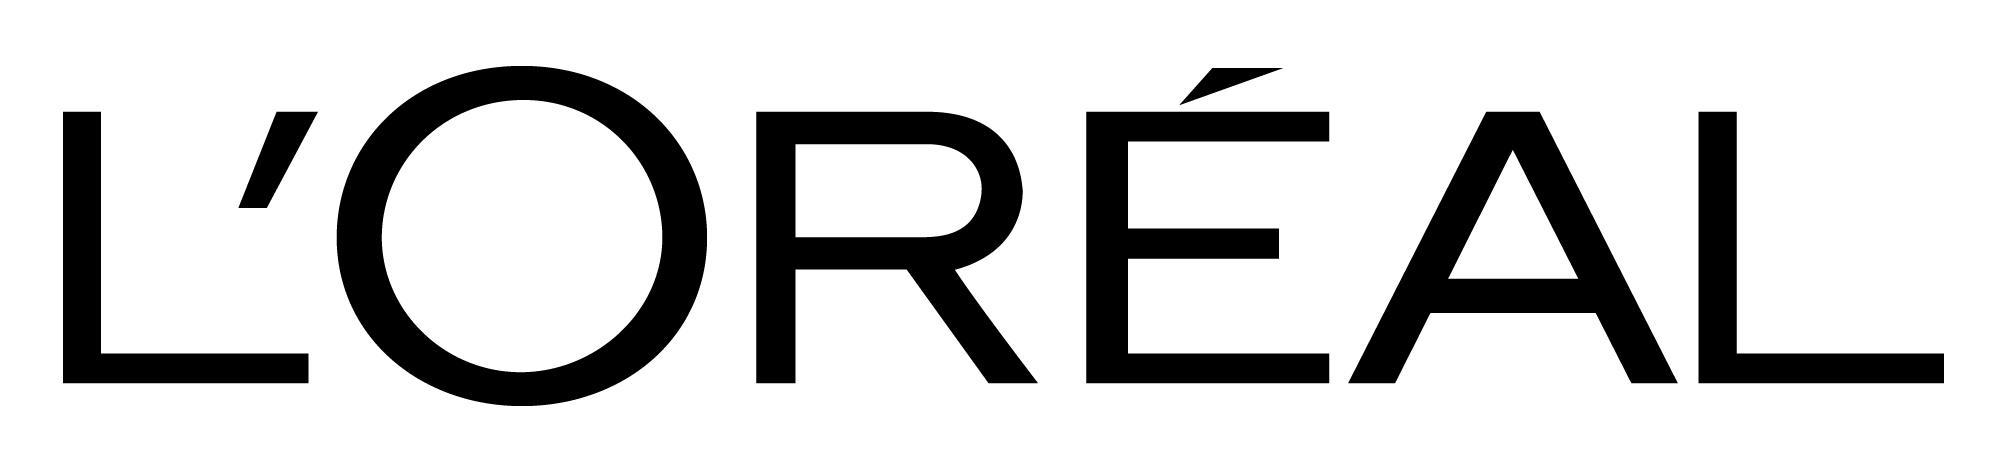 Firma nosi tą nazwę od 1936 roku